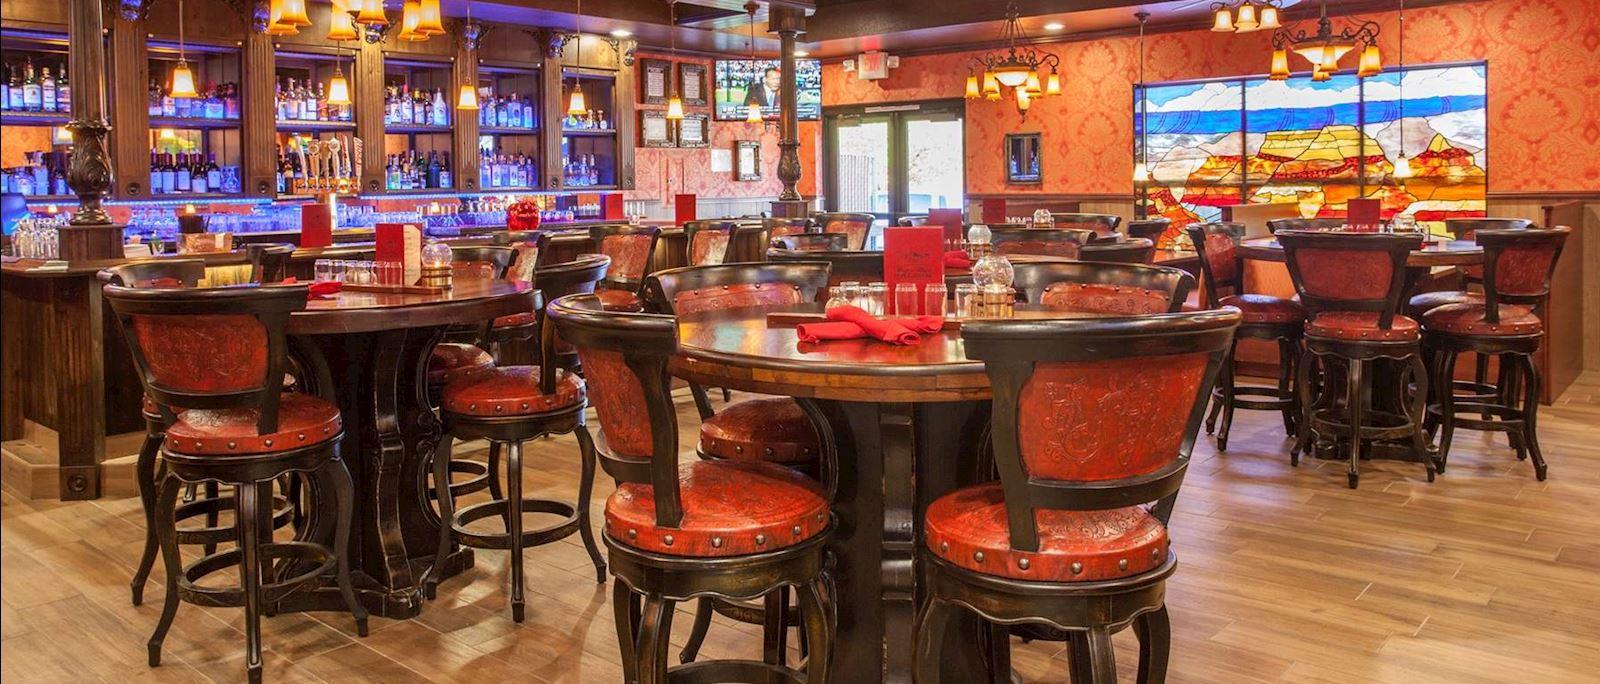 Dining & Bar at Grand Canyon Plaza Hotel, Tusayan